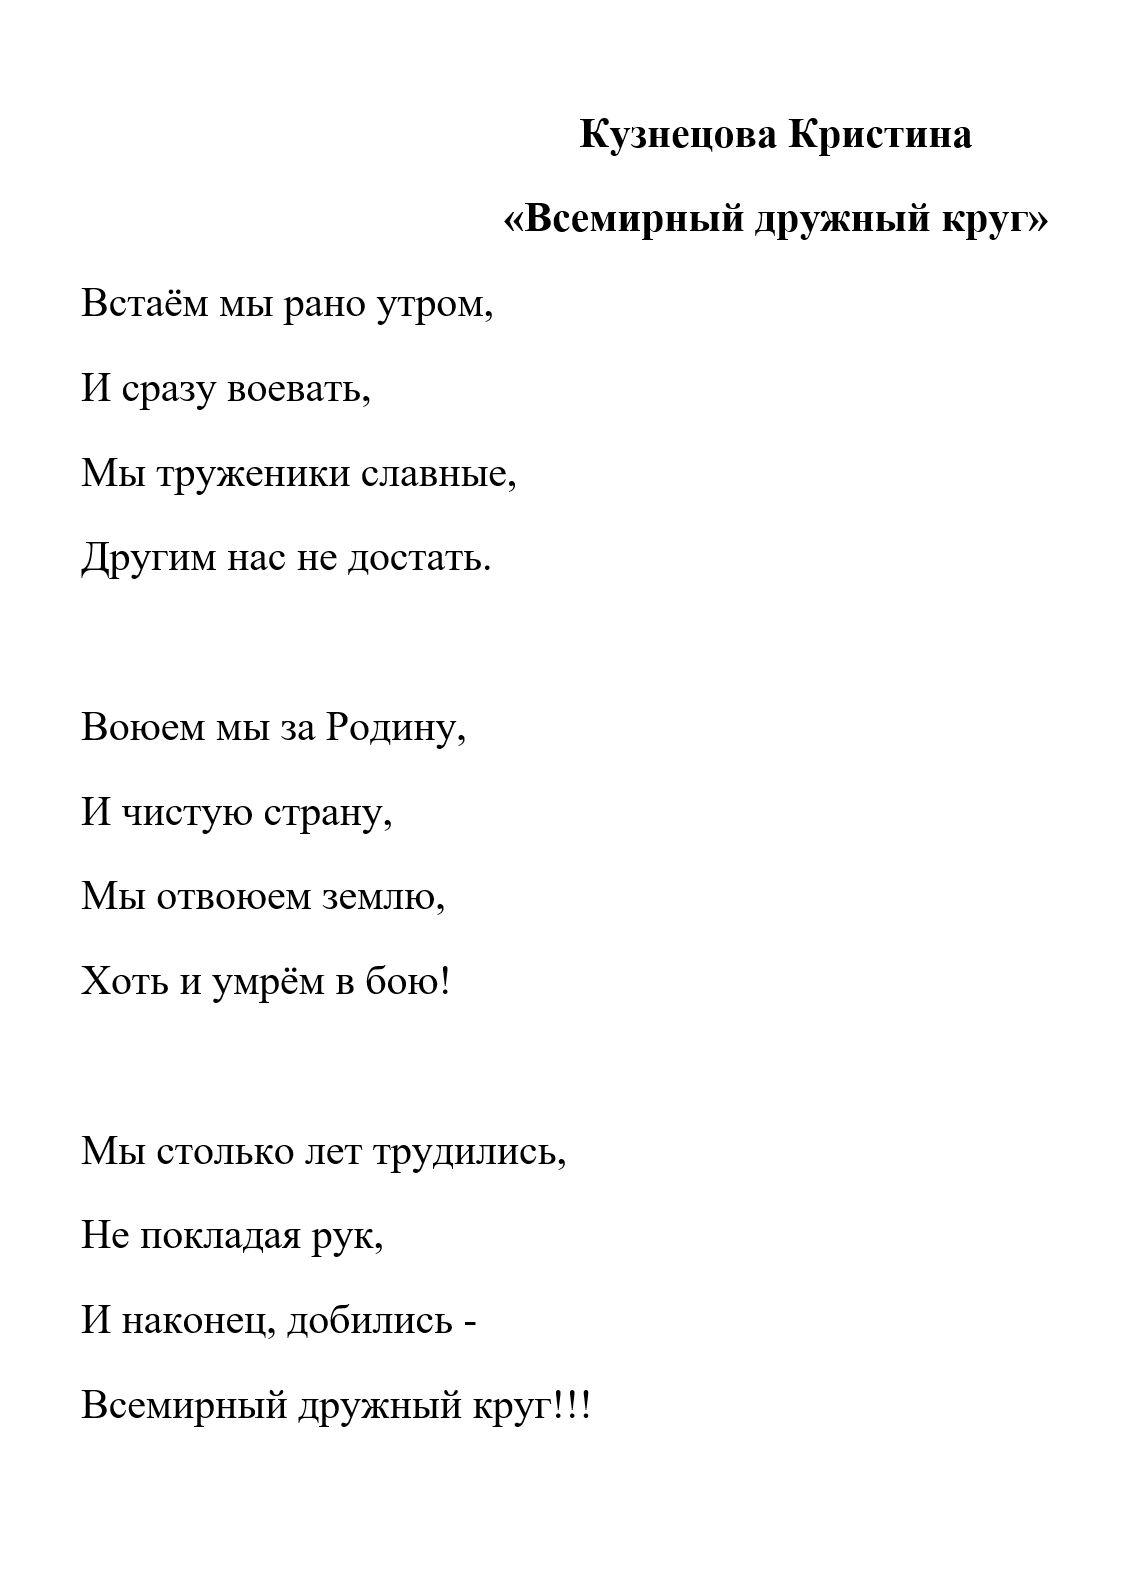 Кузнецова Кристина, 12 лет